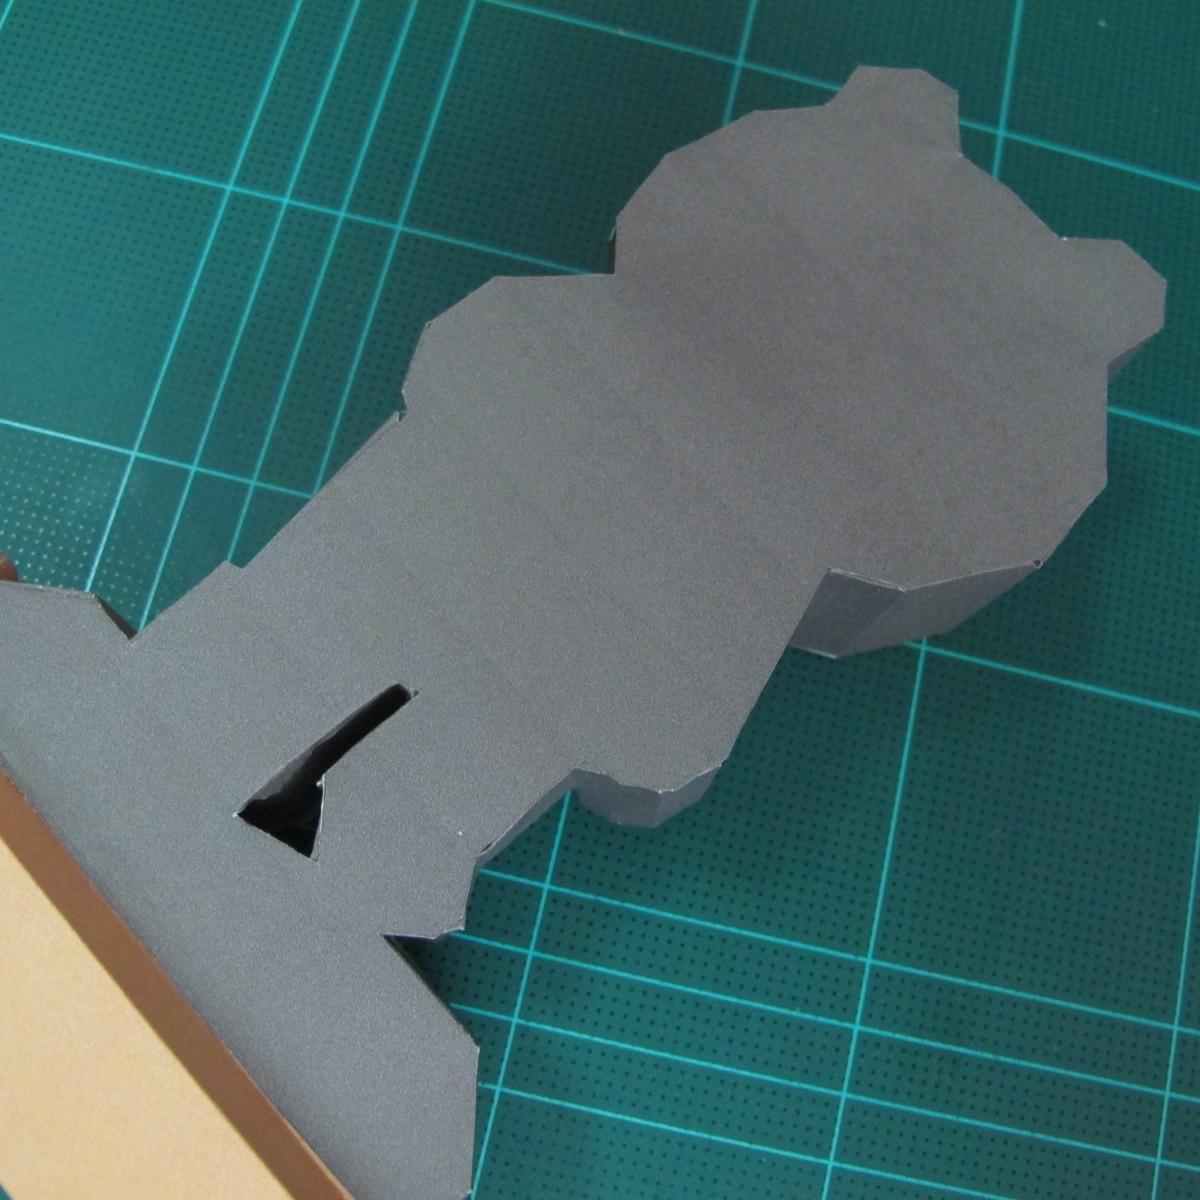 วิธีทำโมเดลกระดาษ ตุ้กตาไลน์ หมีบราวน์ ถือพลั่ว (Line Brown Bear With Shovel Papercraft Model -「シャベル」と「ブラウン」) 028